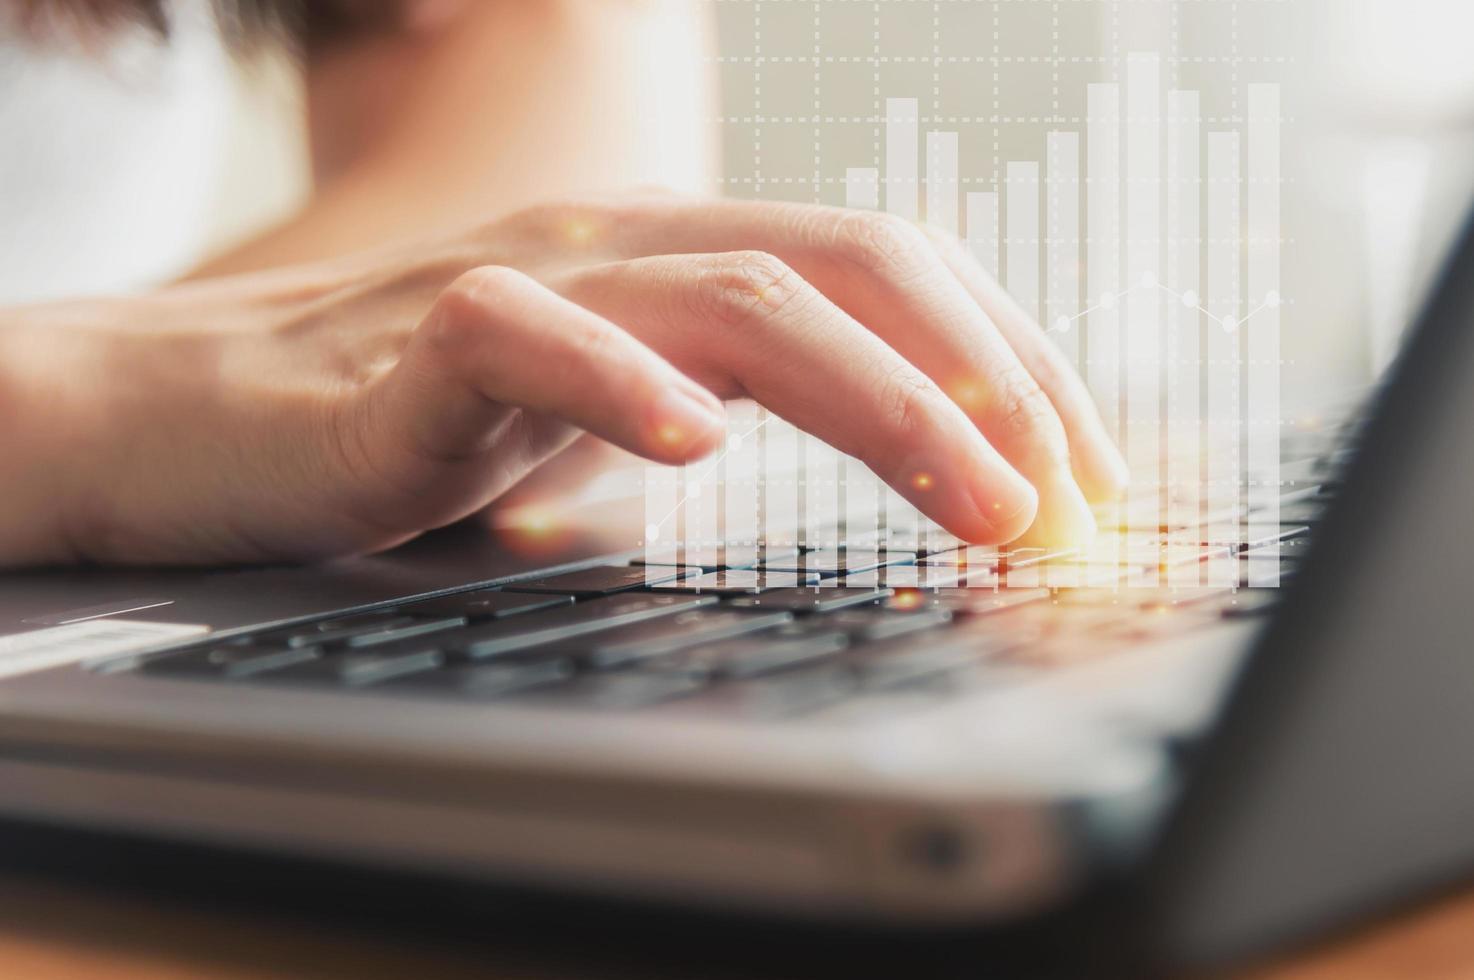 mano femminile utilizzando la tastiera con grafico finanziario foto